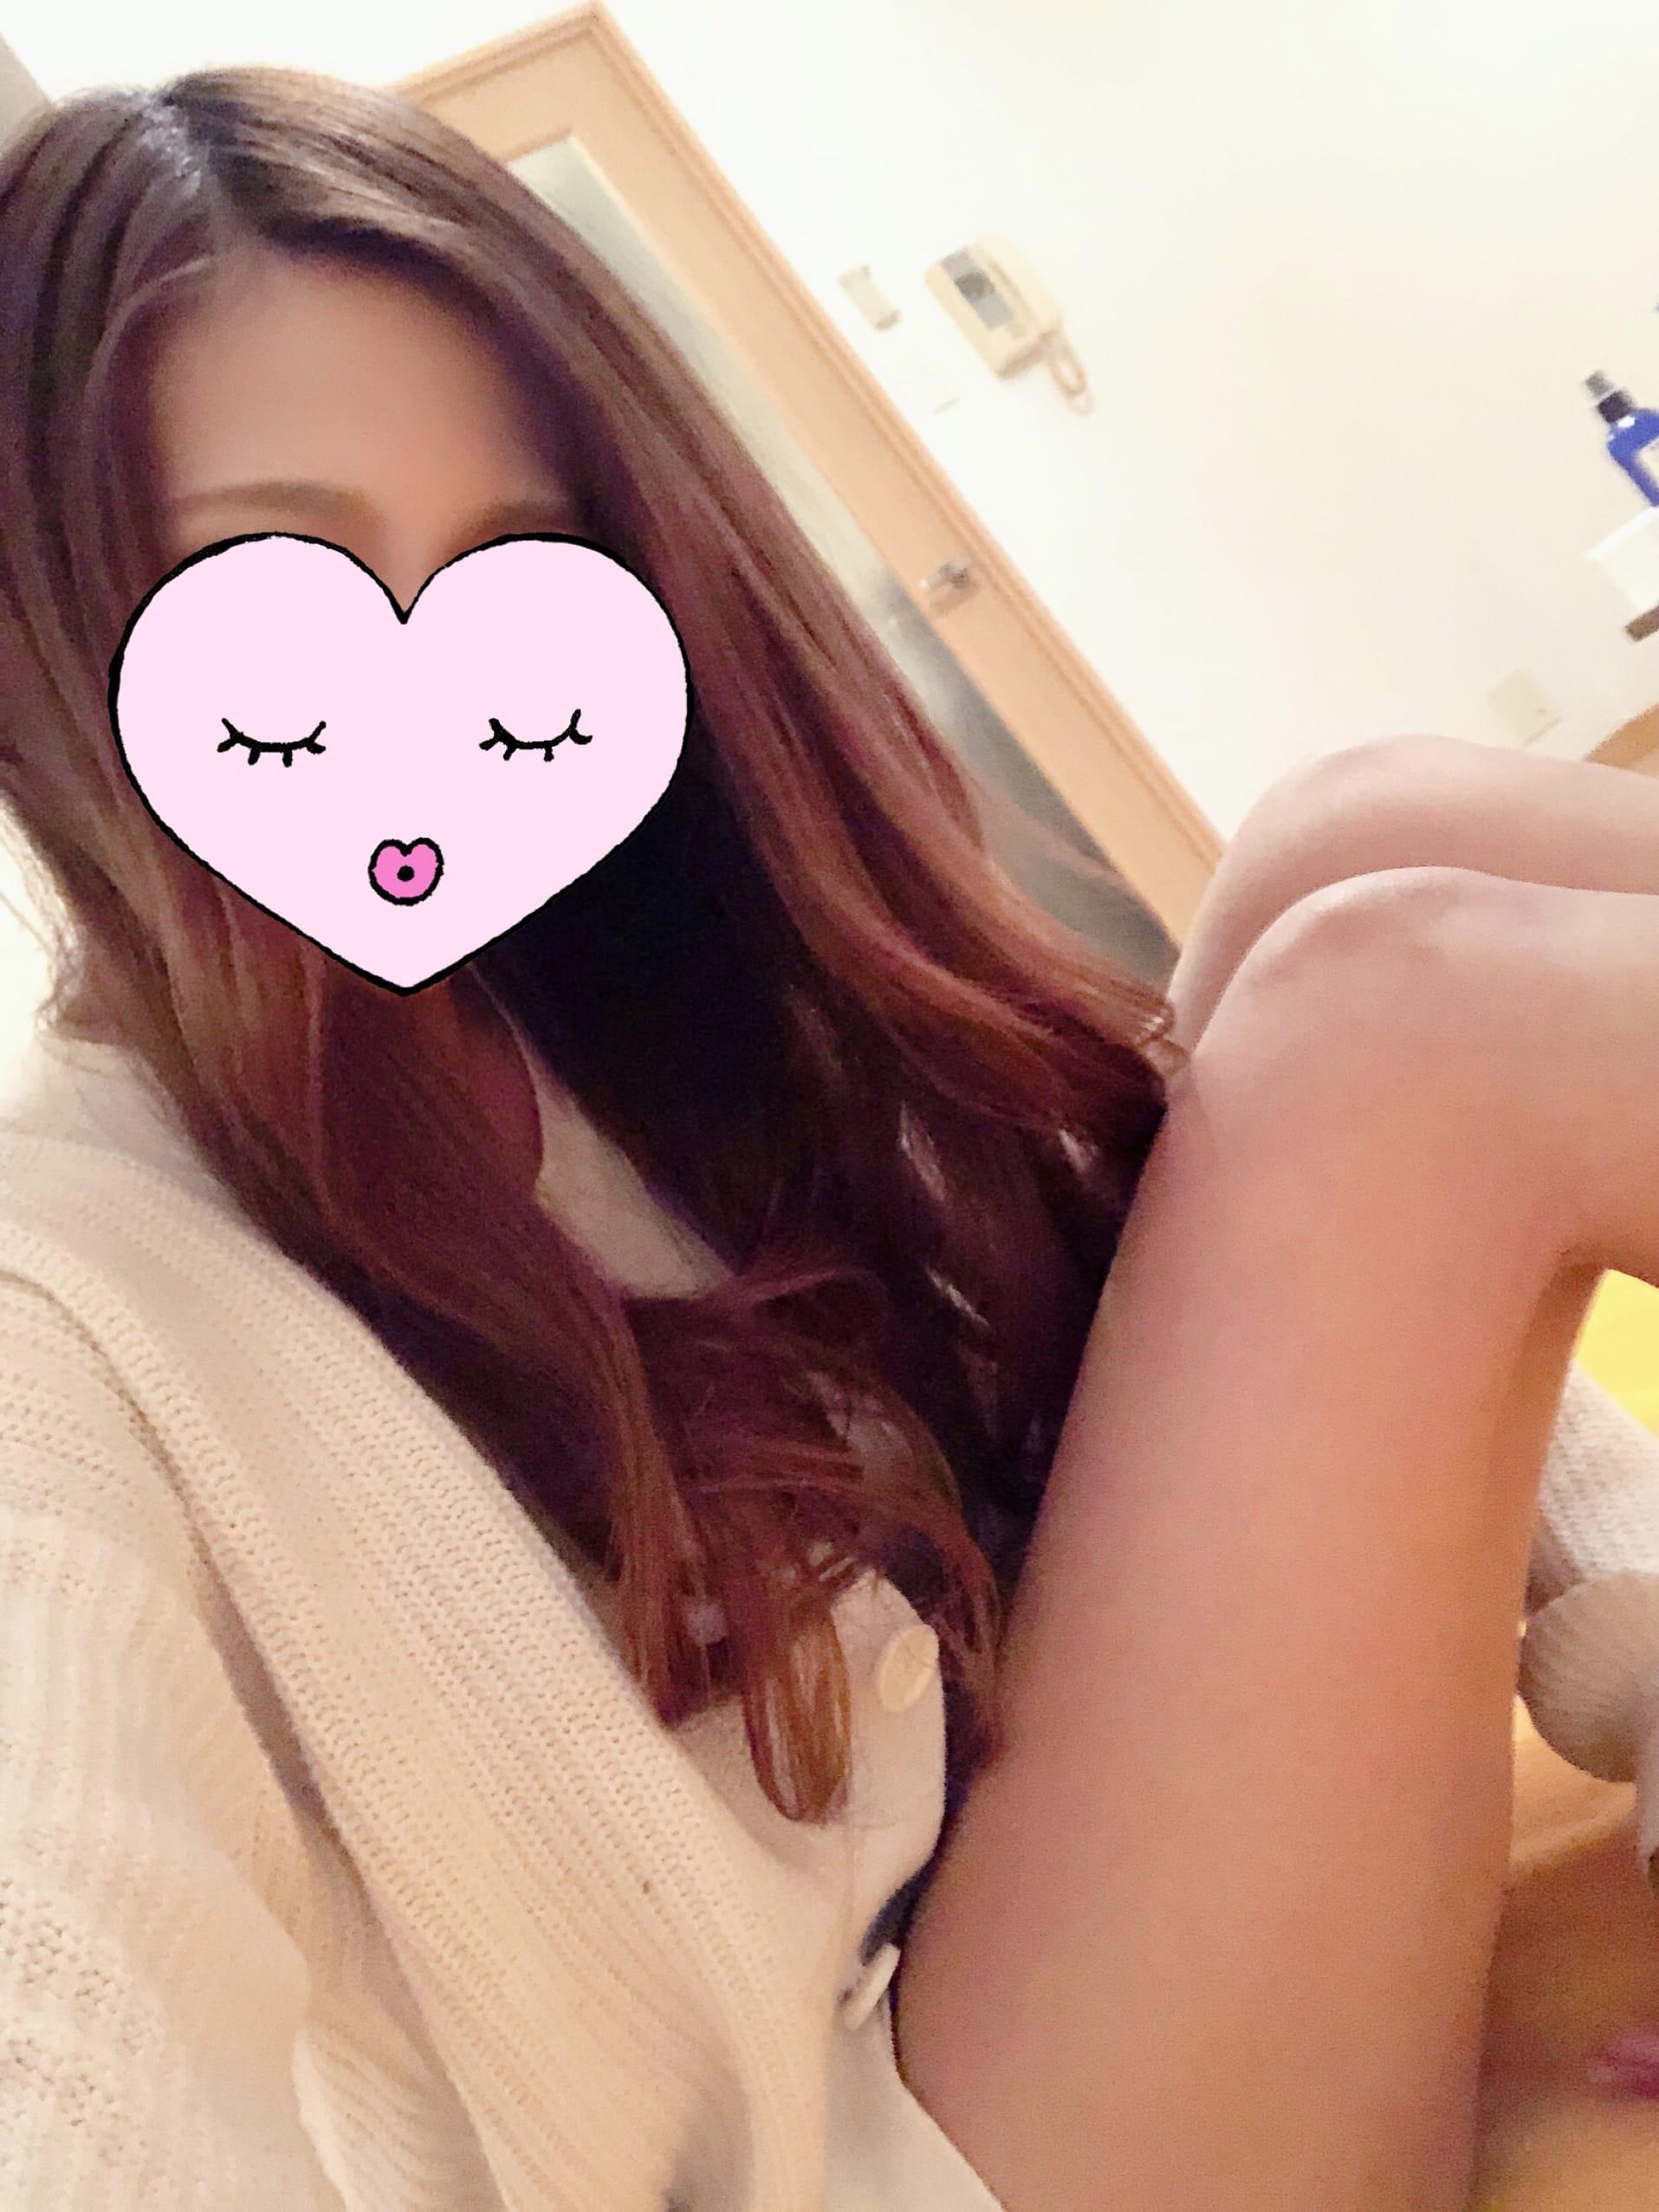 「おはよう♡出勤」03/04(木) 10:29   ♡あおい♡の写メ日記